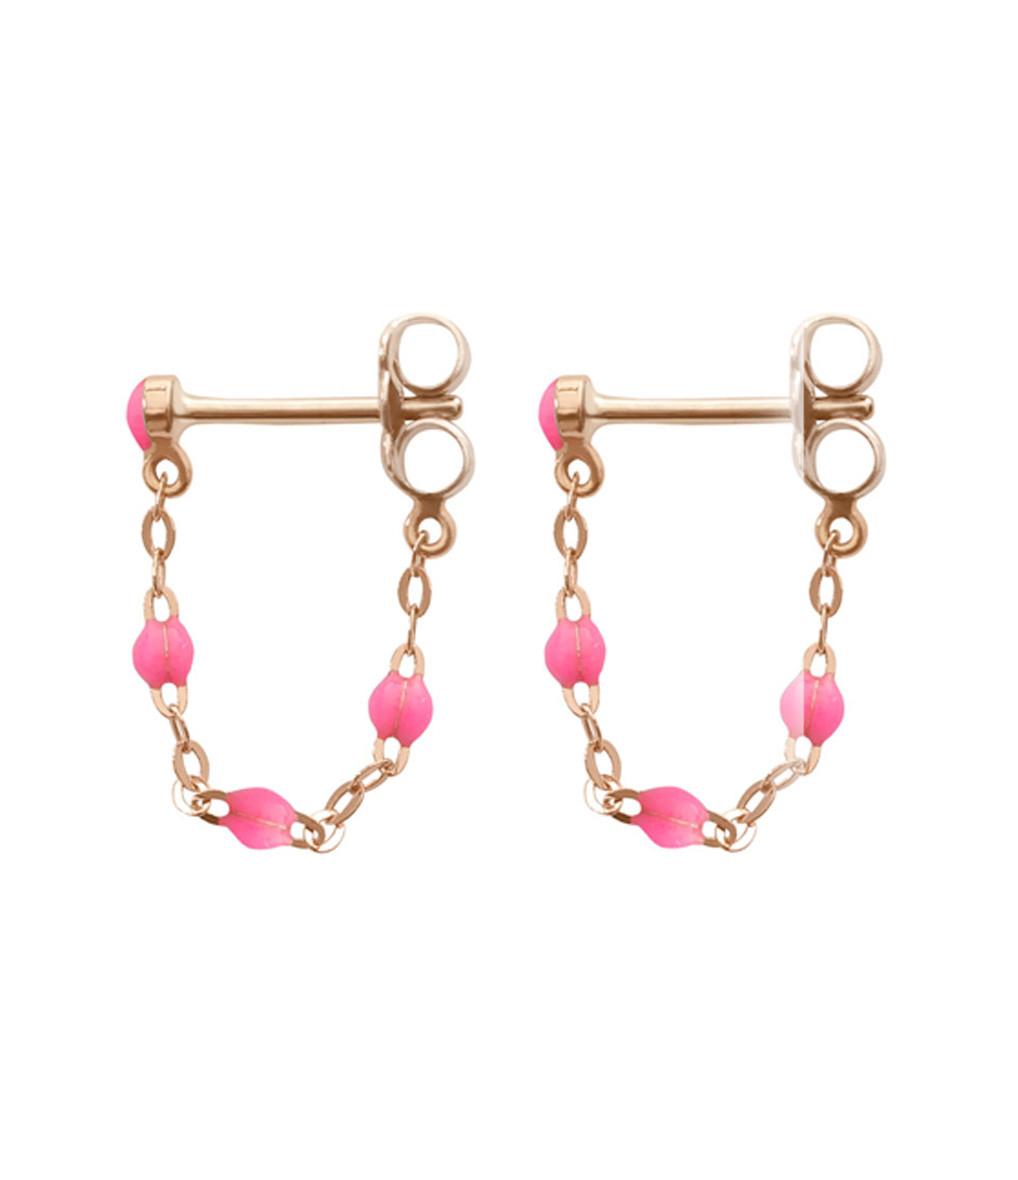 Boucles d'oreilles Perles Résine - Gigi Clozeau